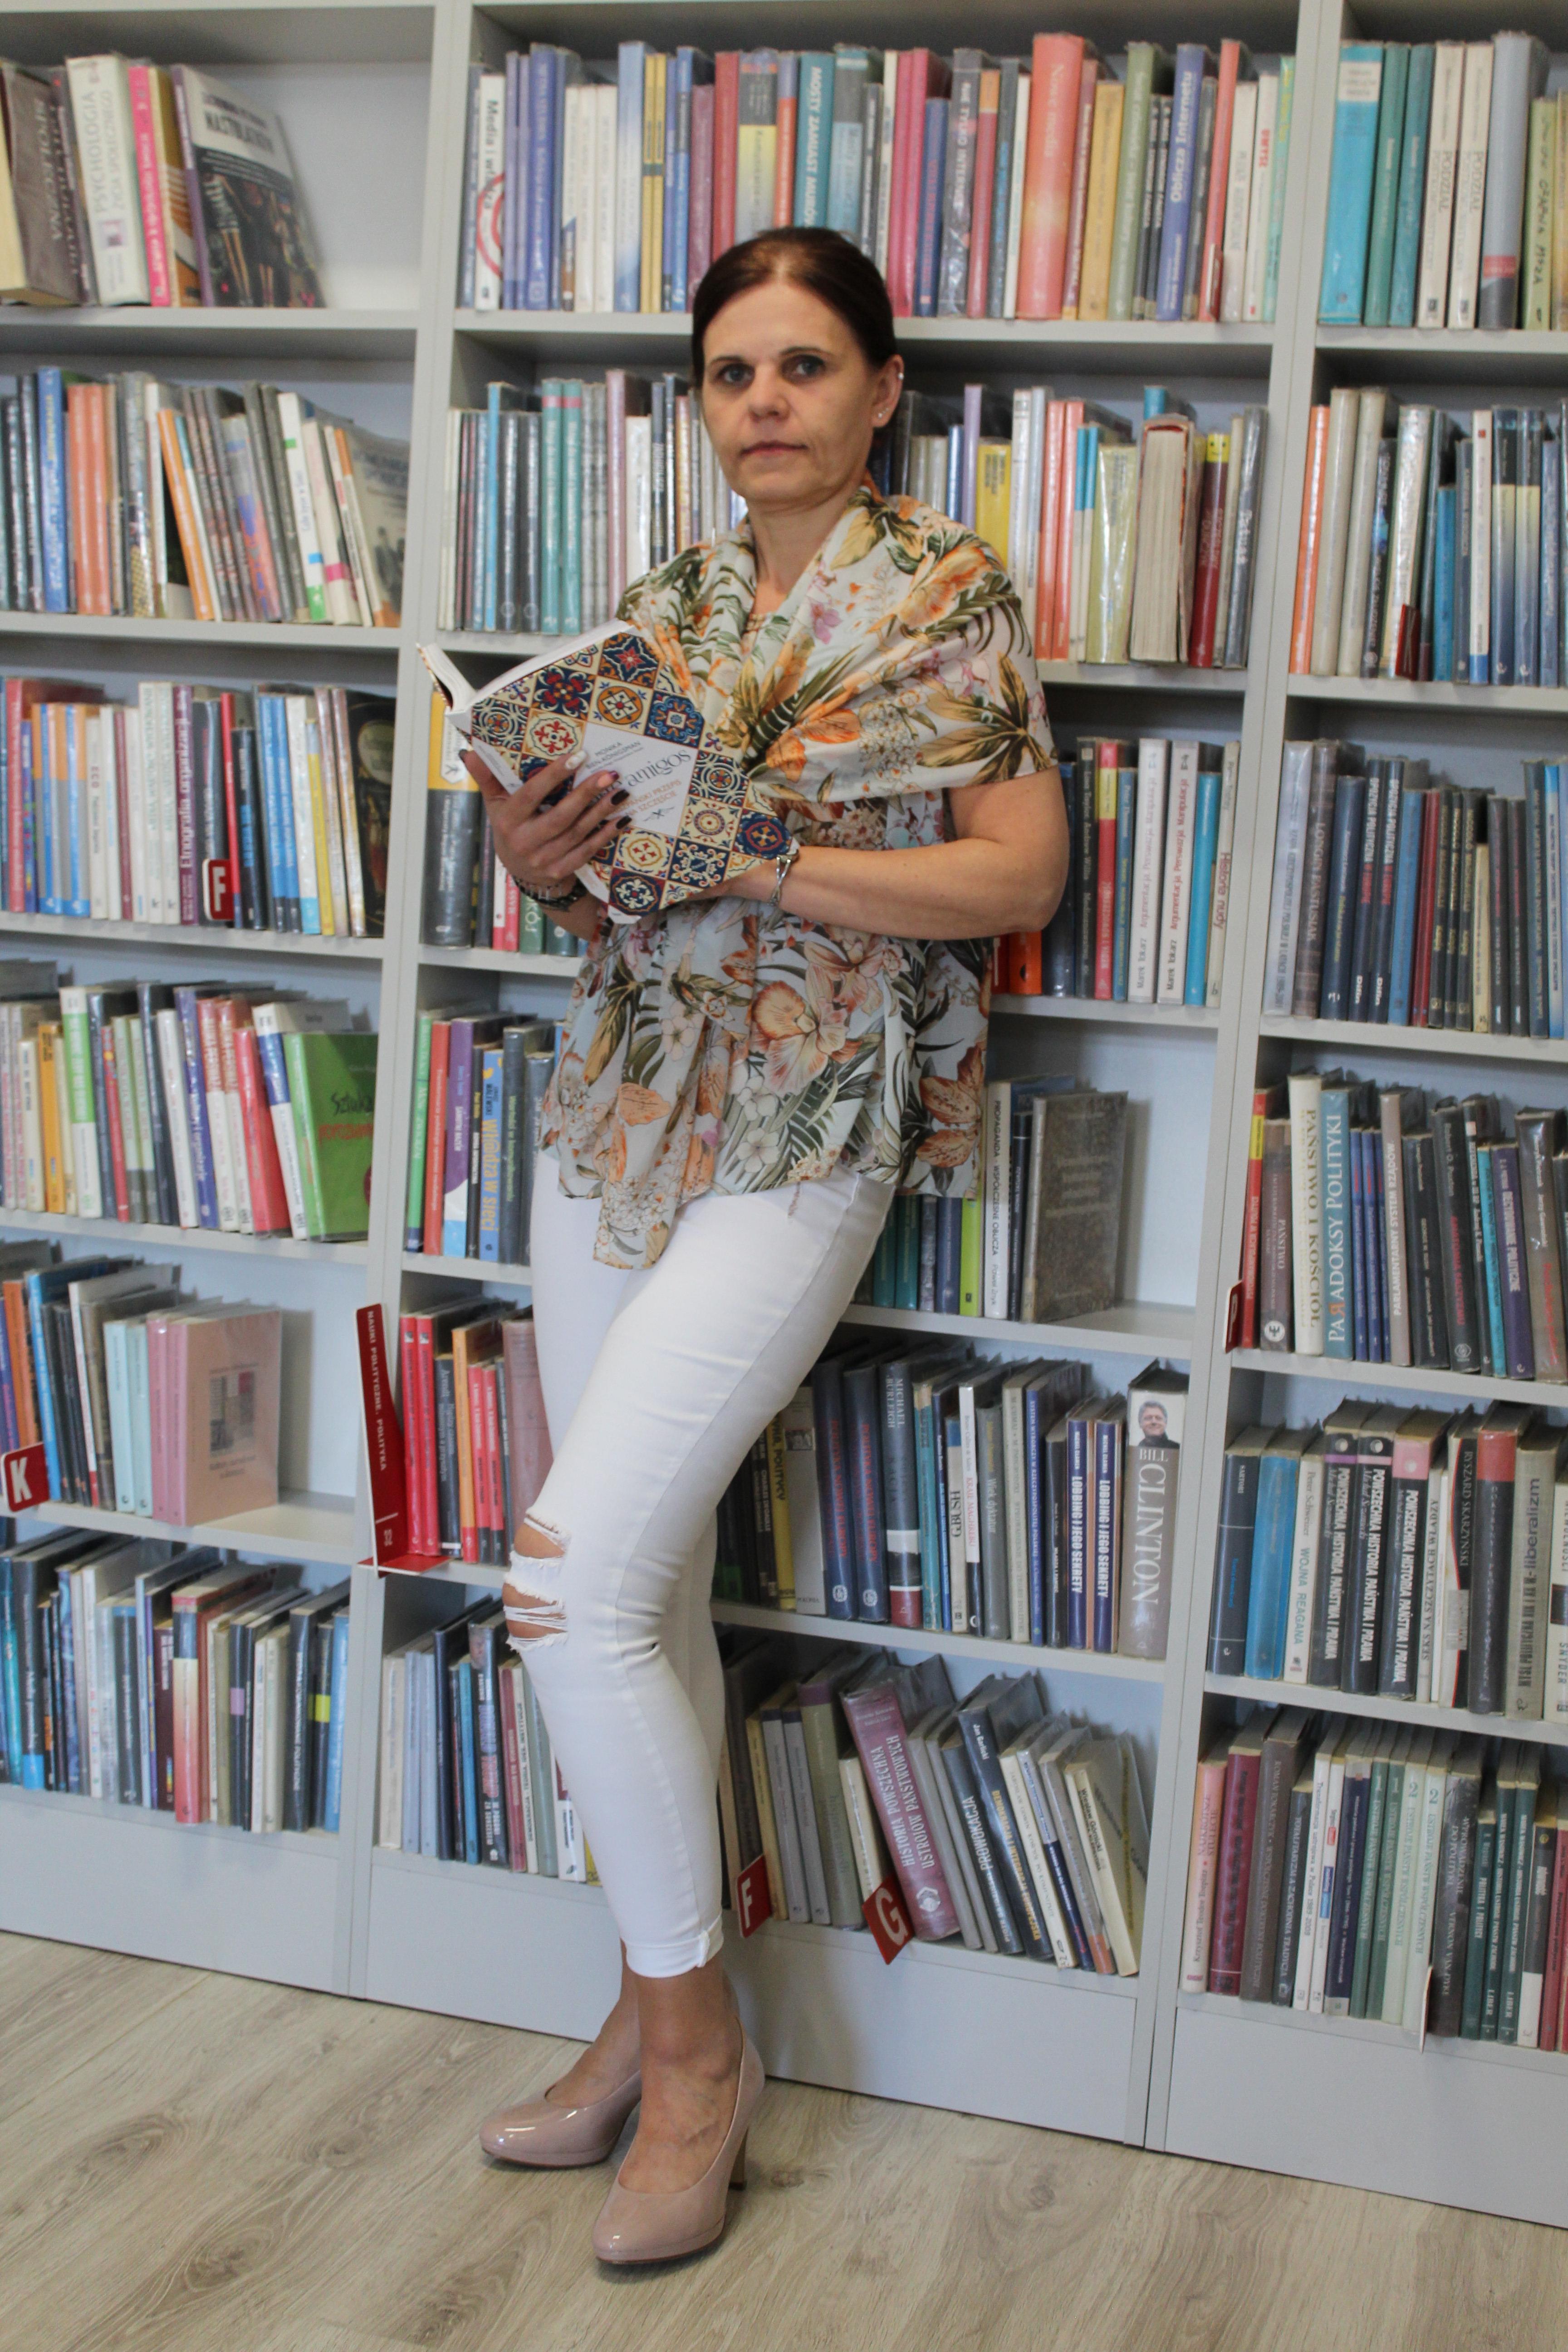 Monika Machowicz